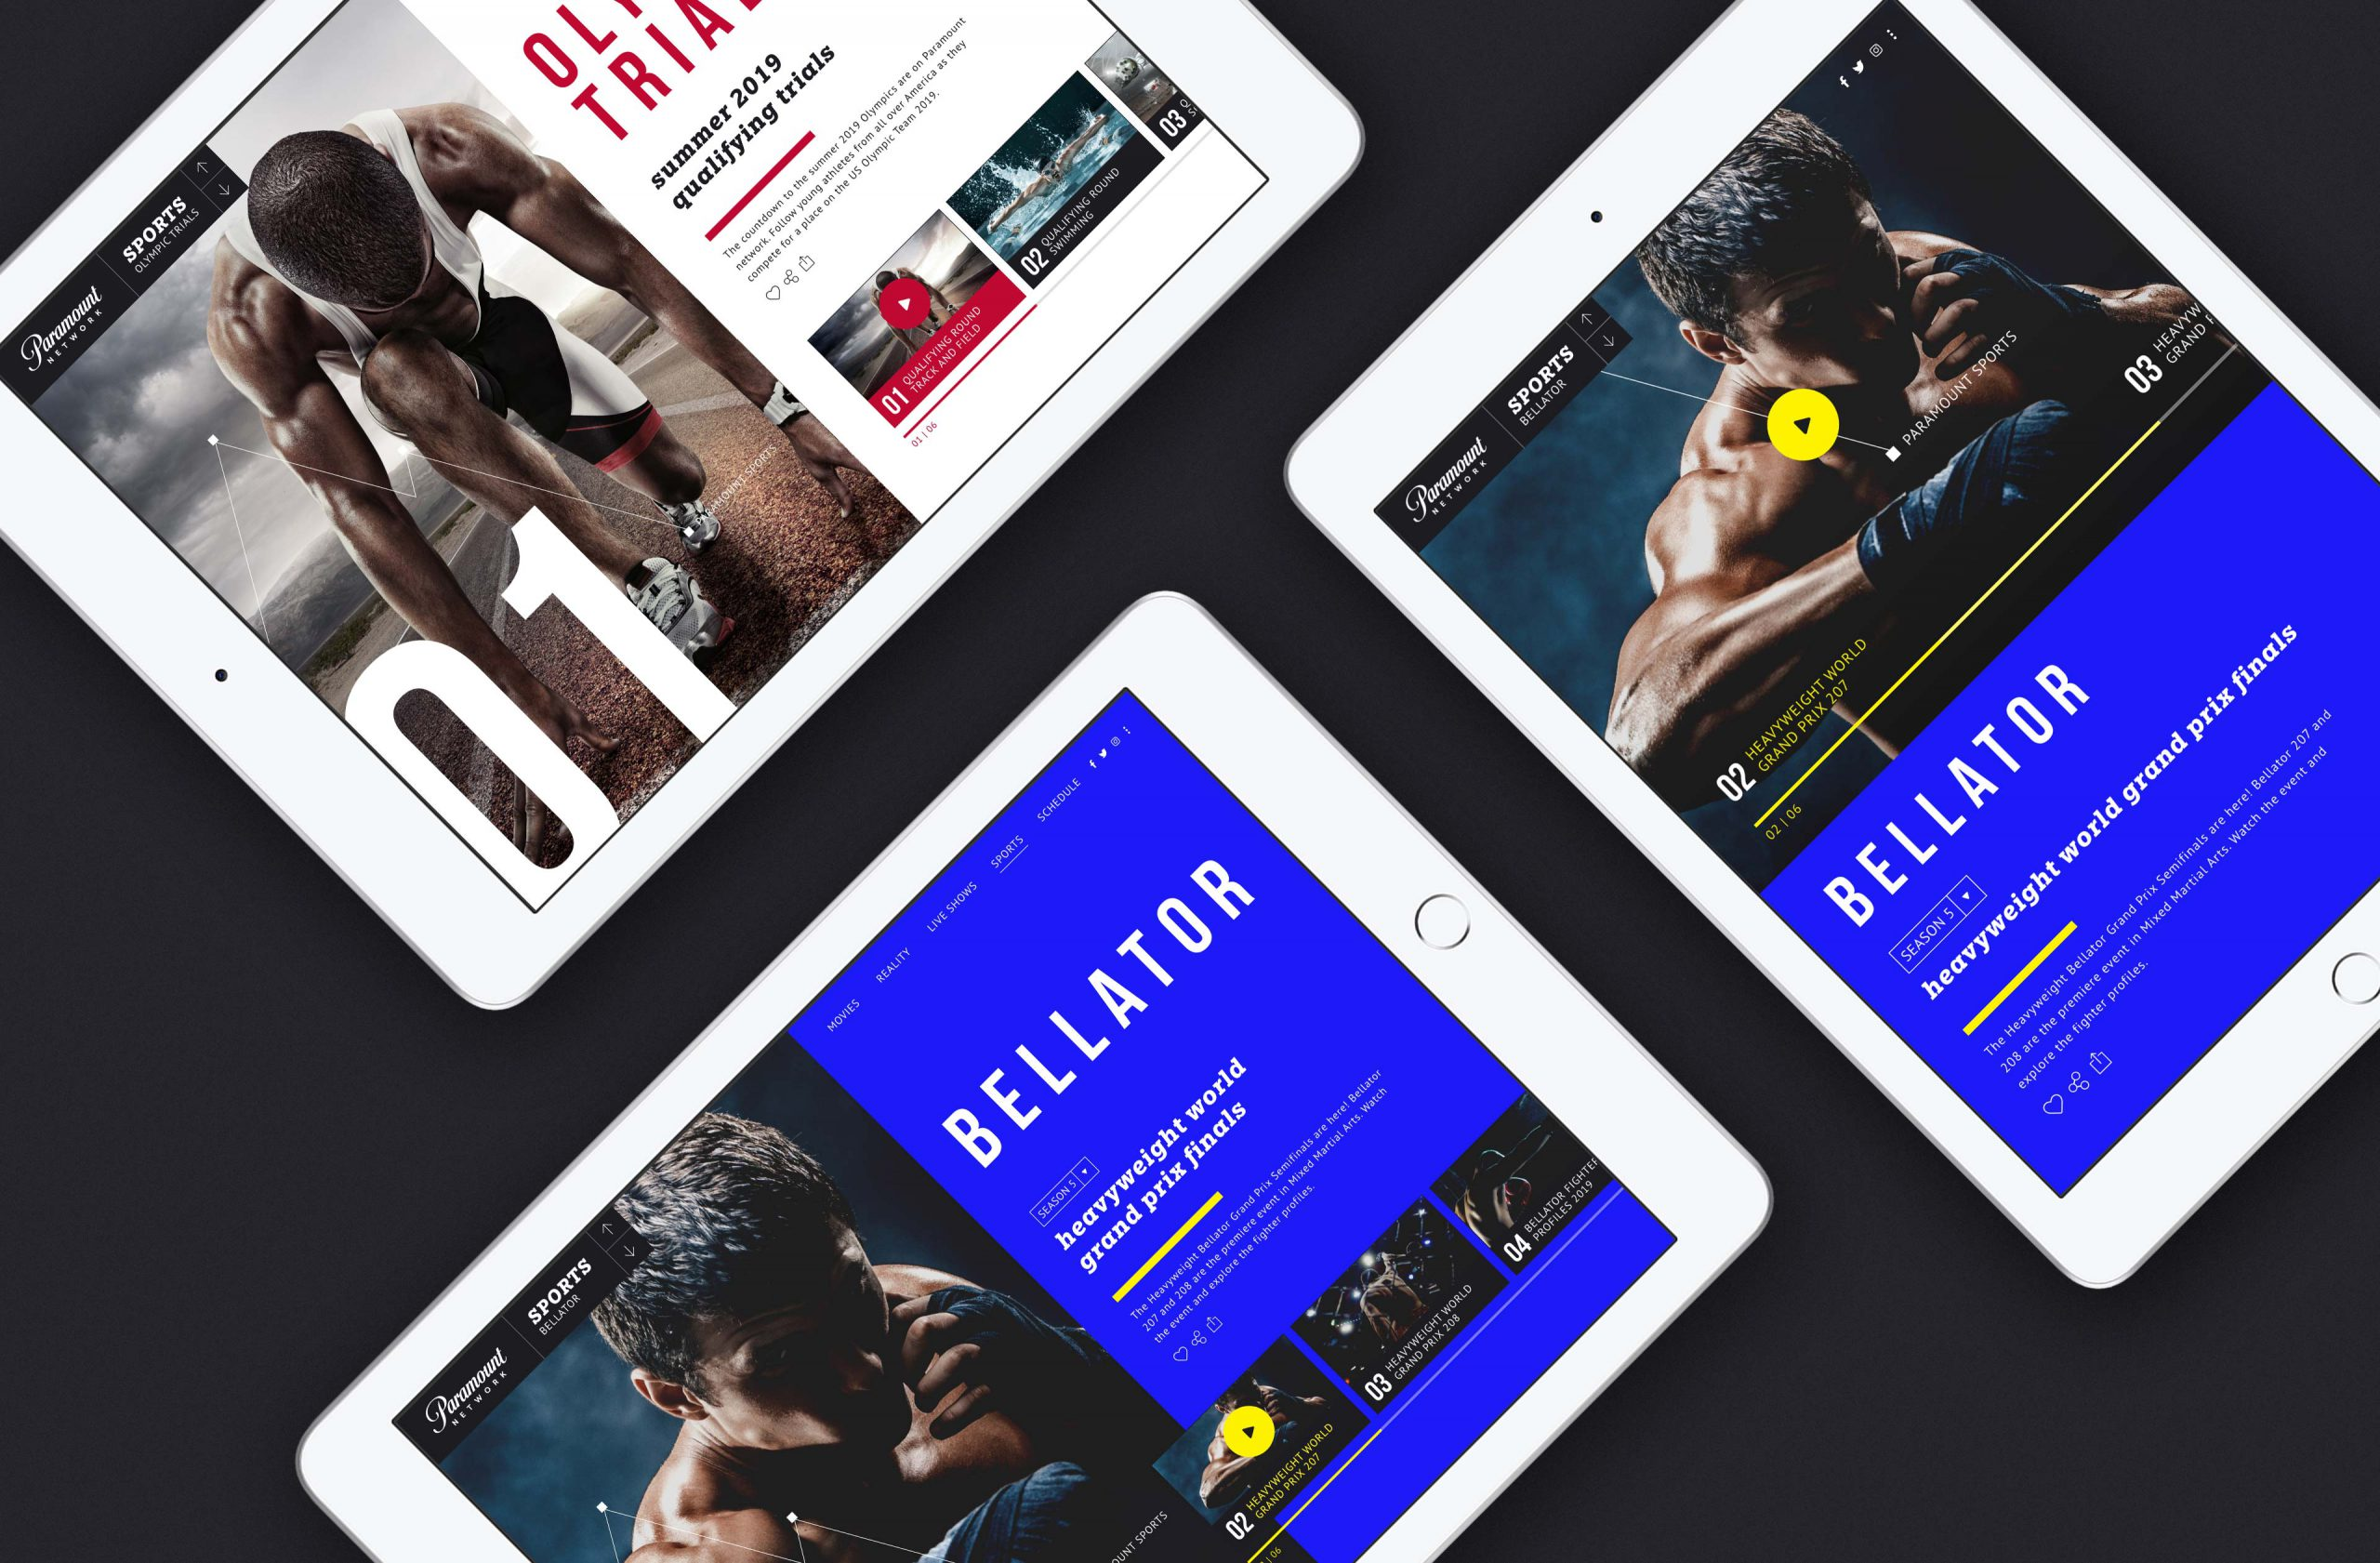 Paramount video app design